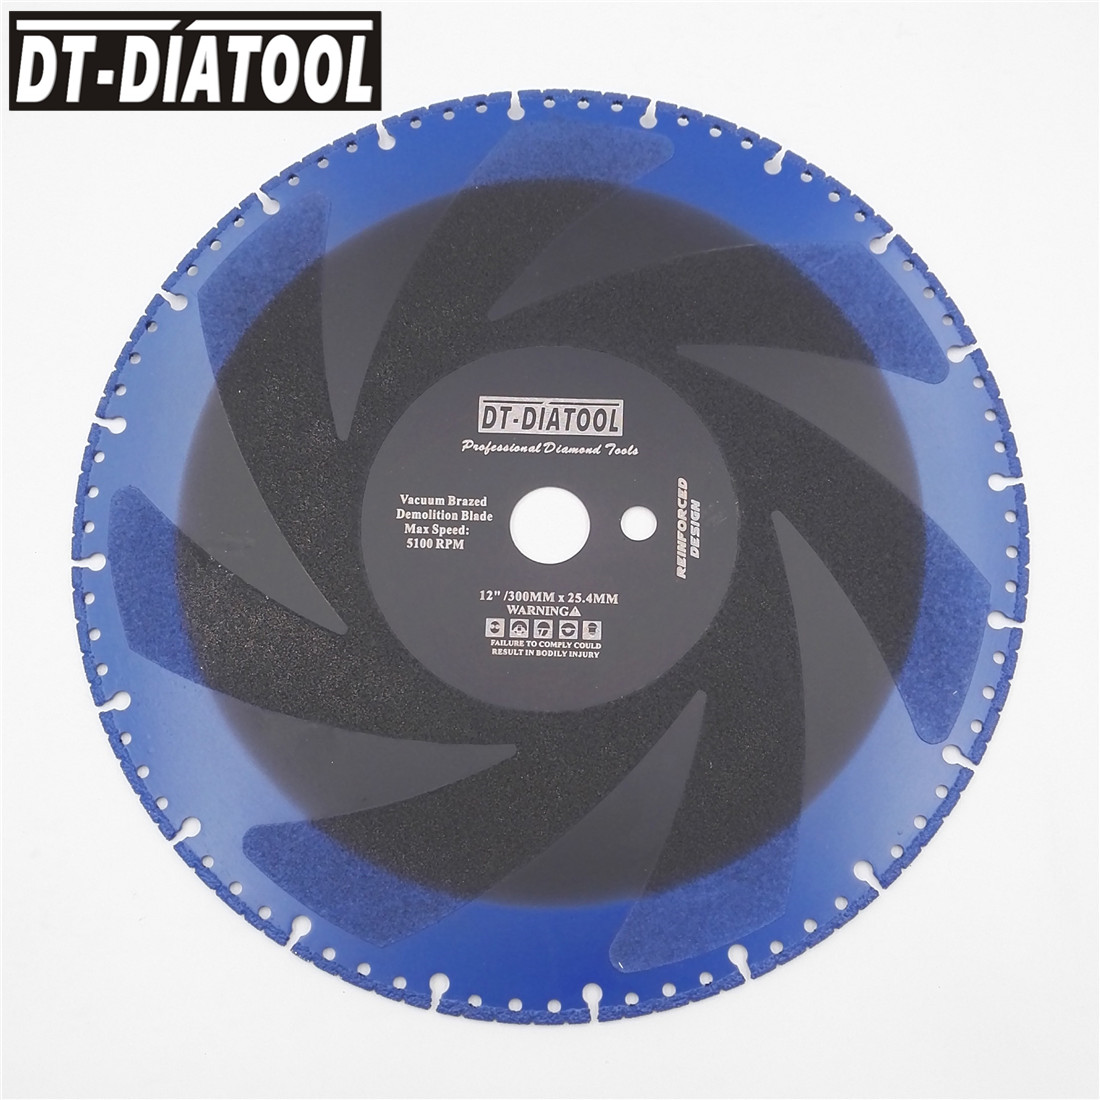 DT-DIATOOL 1piece 12